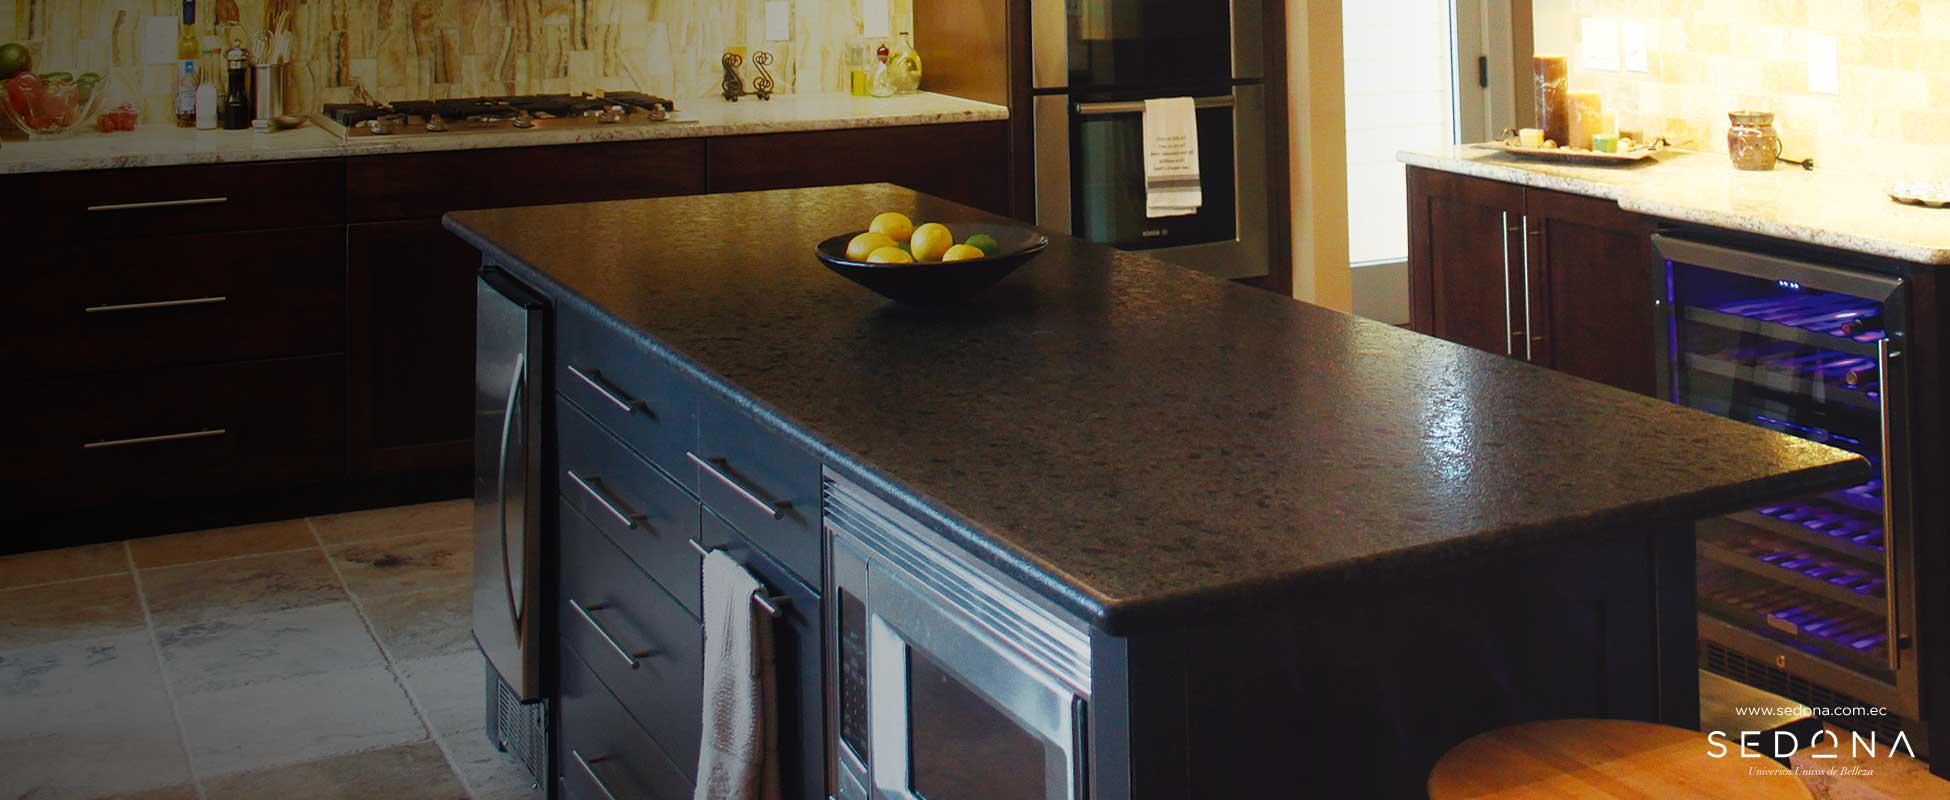 Granito caf imperial sedona importador directo for Oferta granito marmol